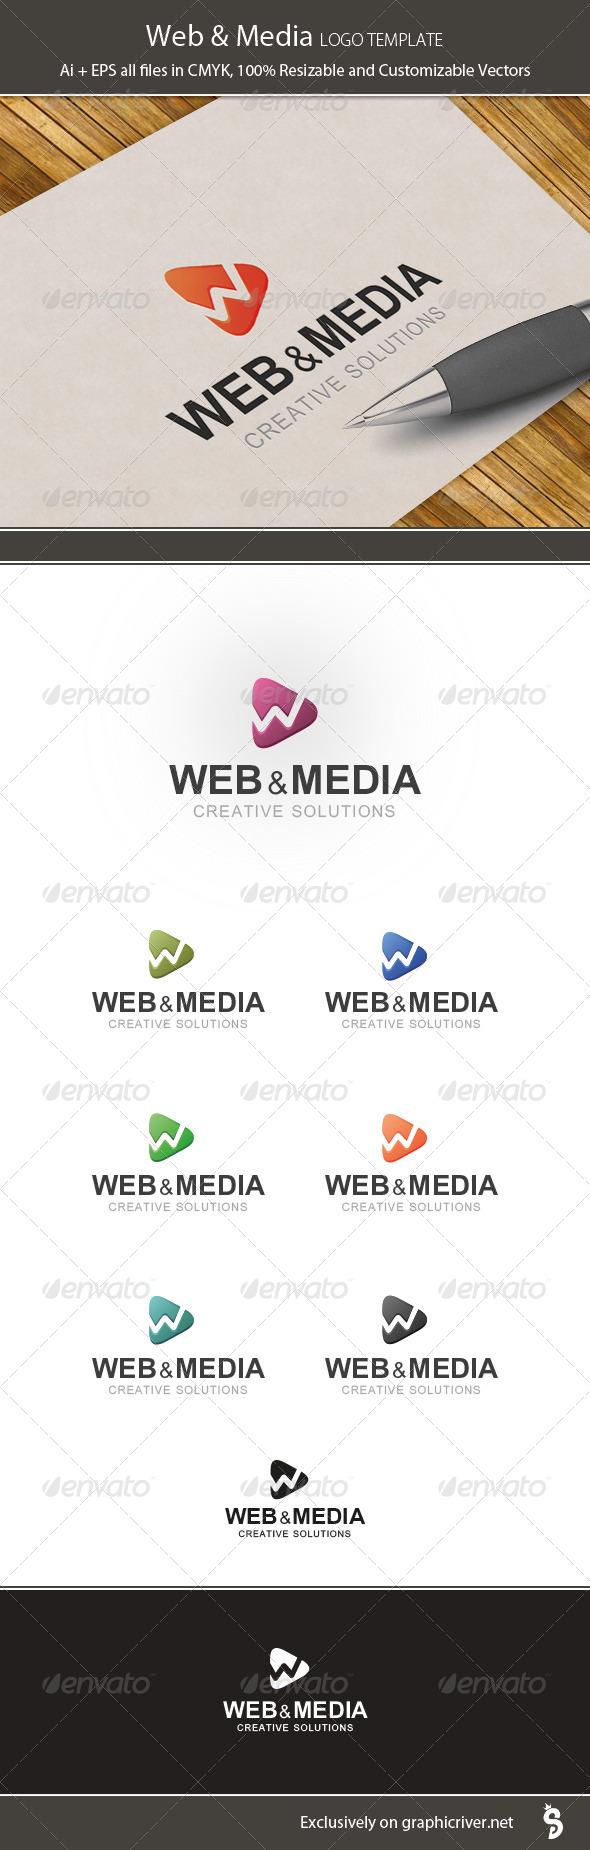 Web & Media Logo Template - Vector Abstract